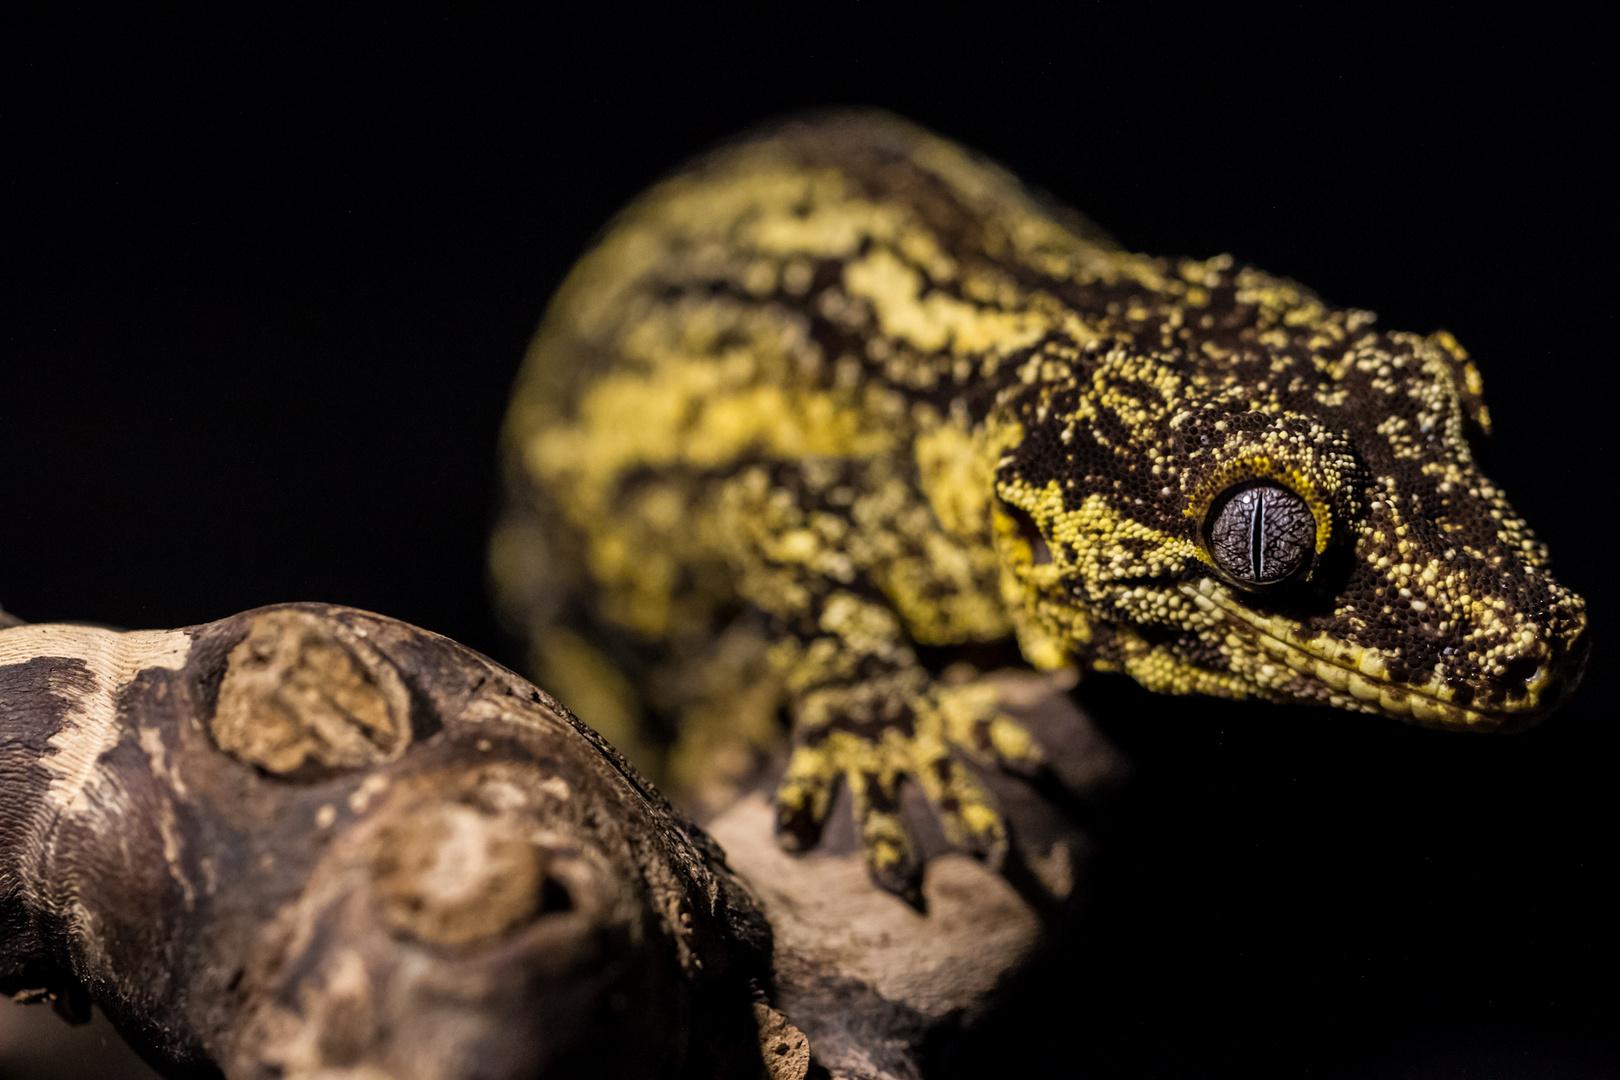 R.Auriculatus ... Der Höckerkopfgecko